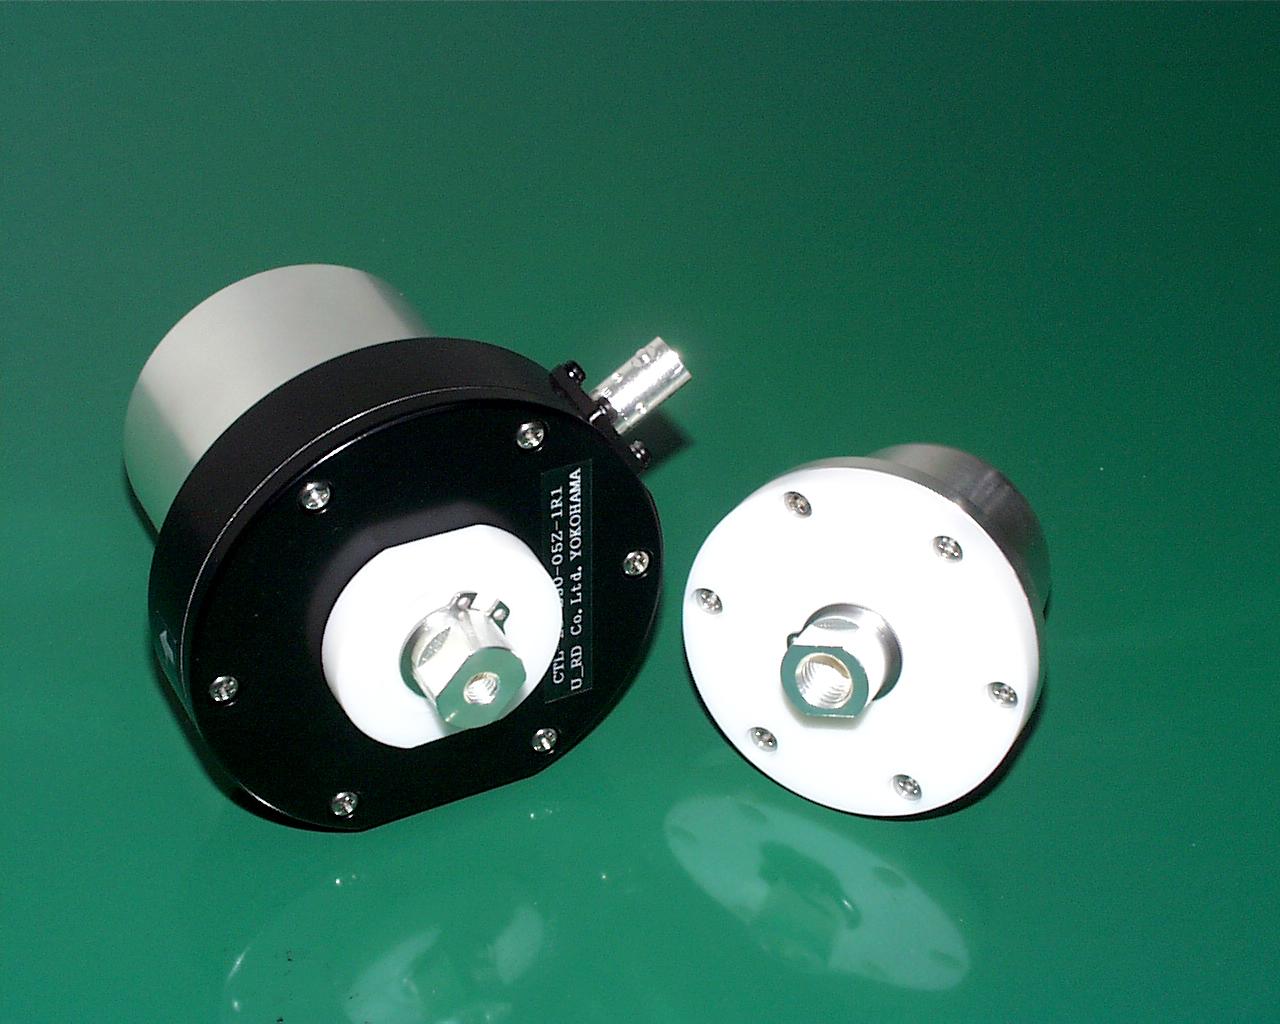 大容量13.56Mhz 同軸コネクター インピーダンス50Ω 通電要領モニター付